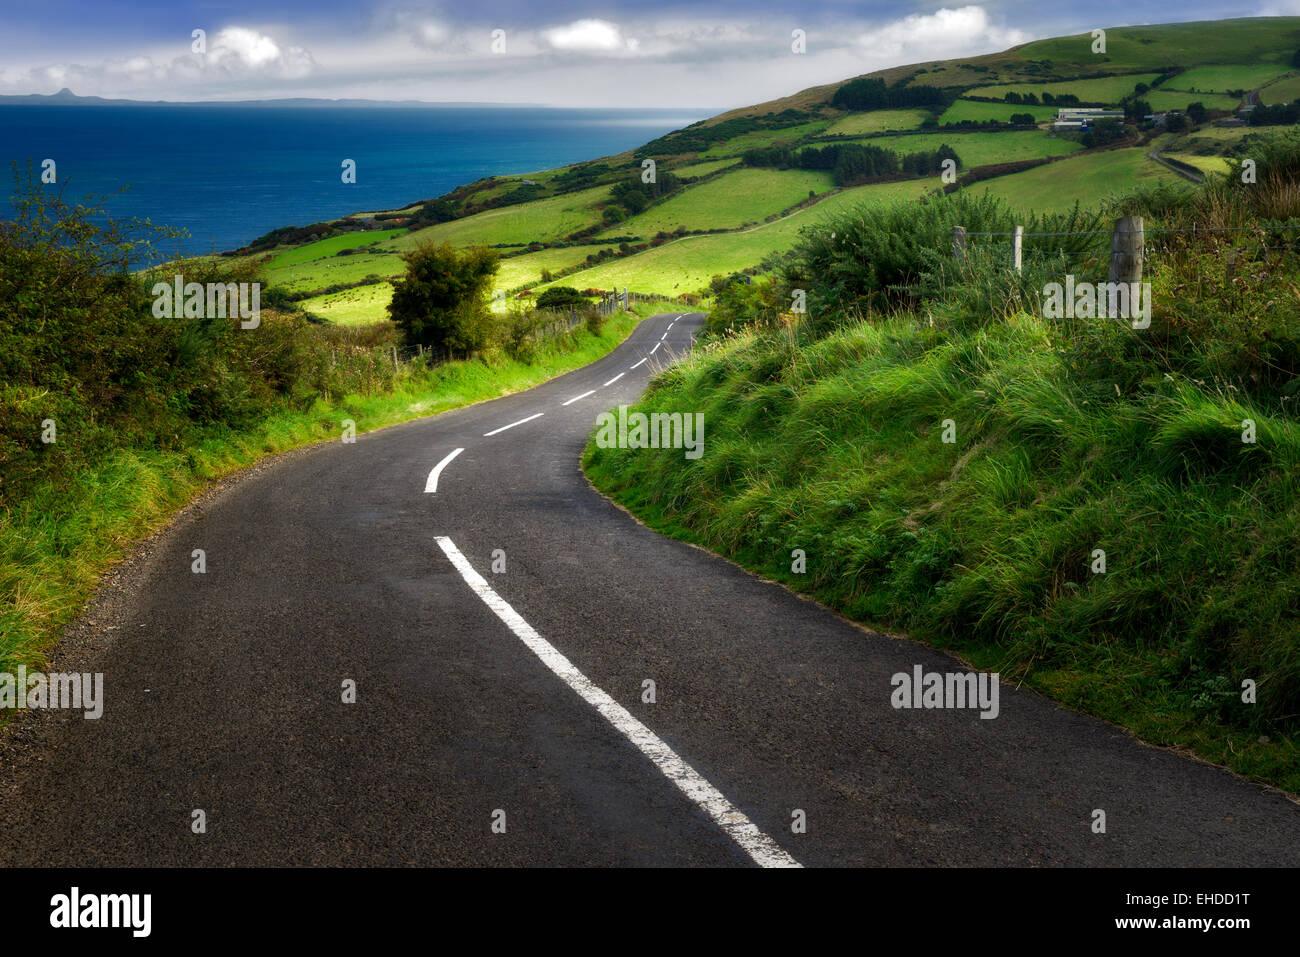 Strada vicino a Torr testa con verdi campi in background. Costa di Antrim Irlanda del Nord Immagini Stock